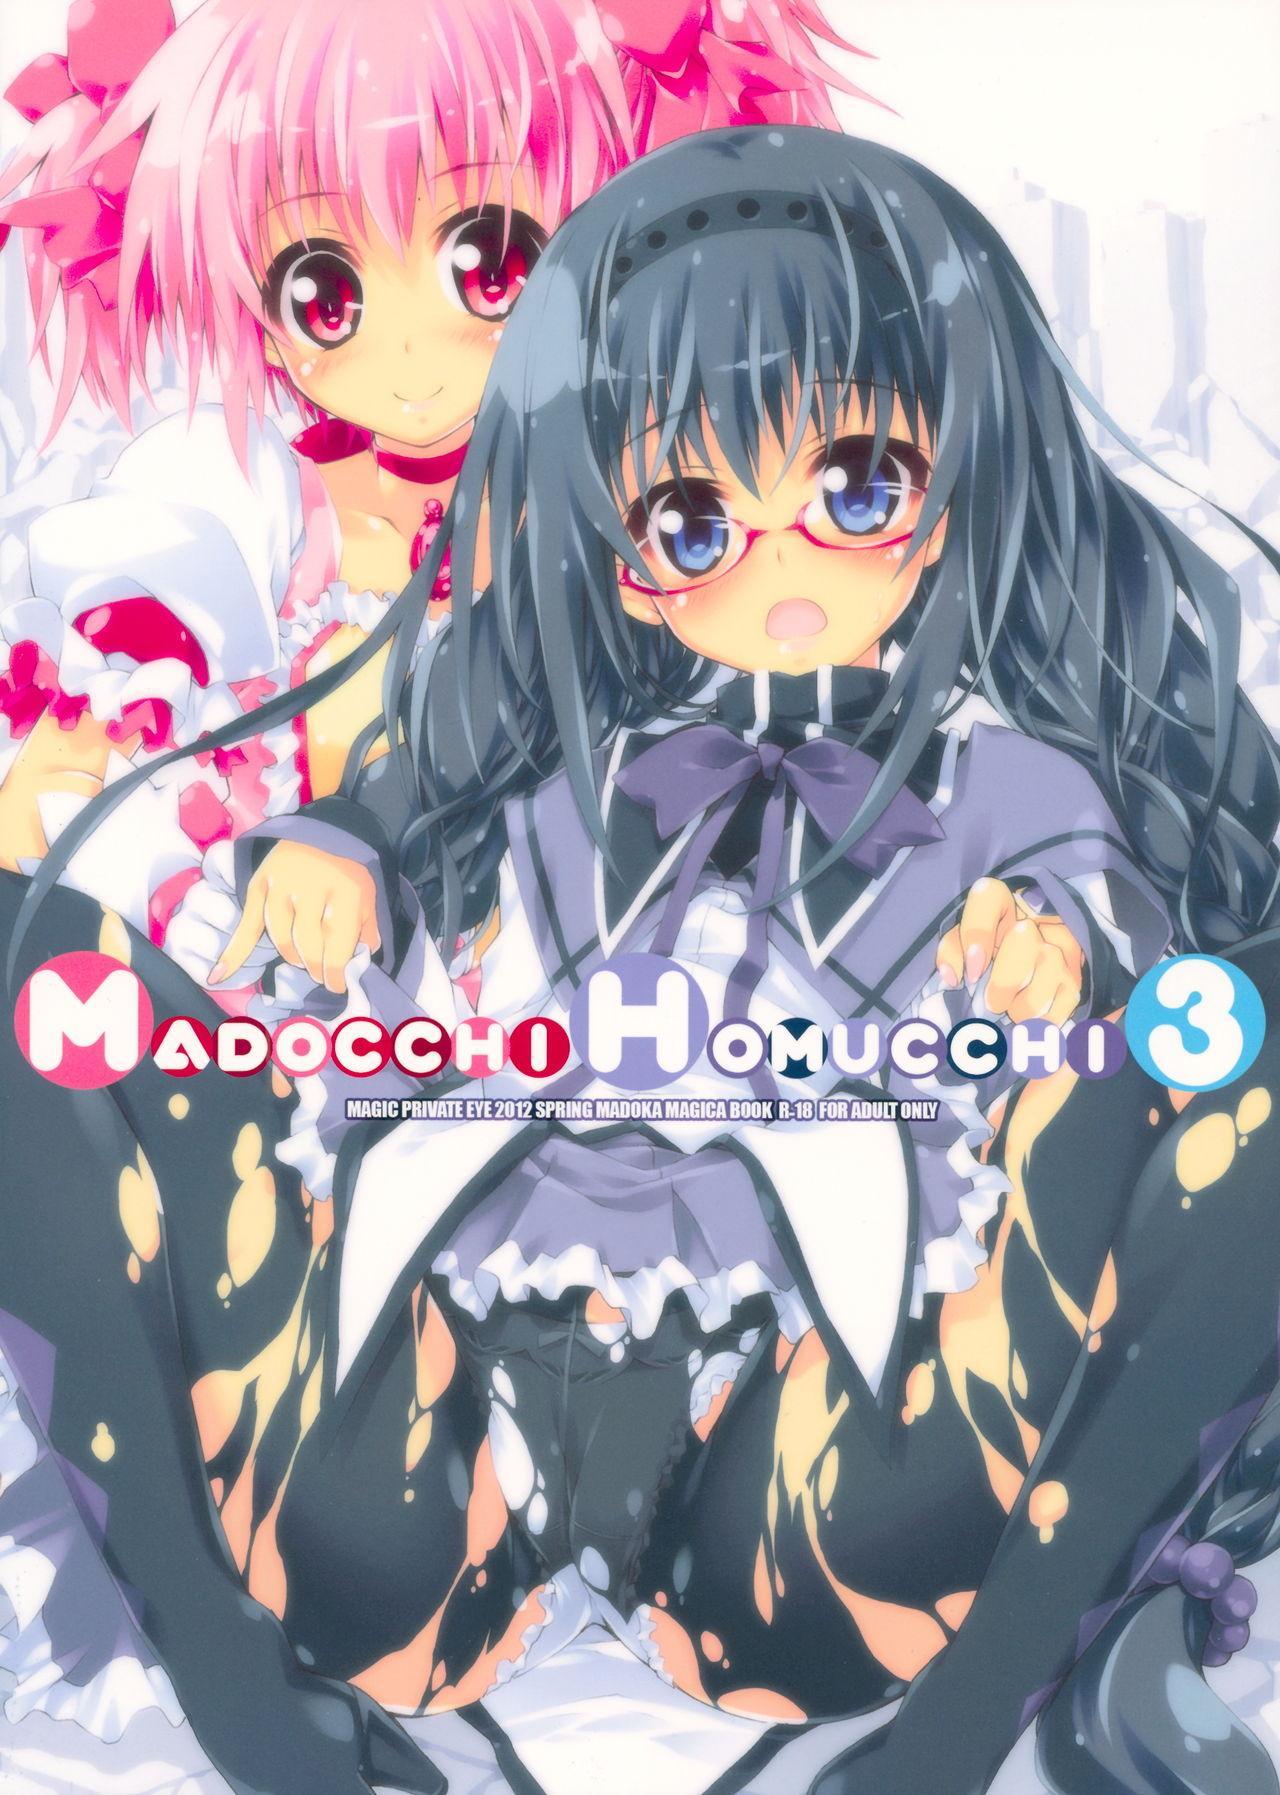 MADOCCHI HOMUCCHI 3 22